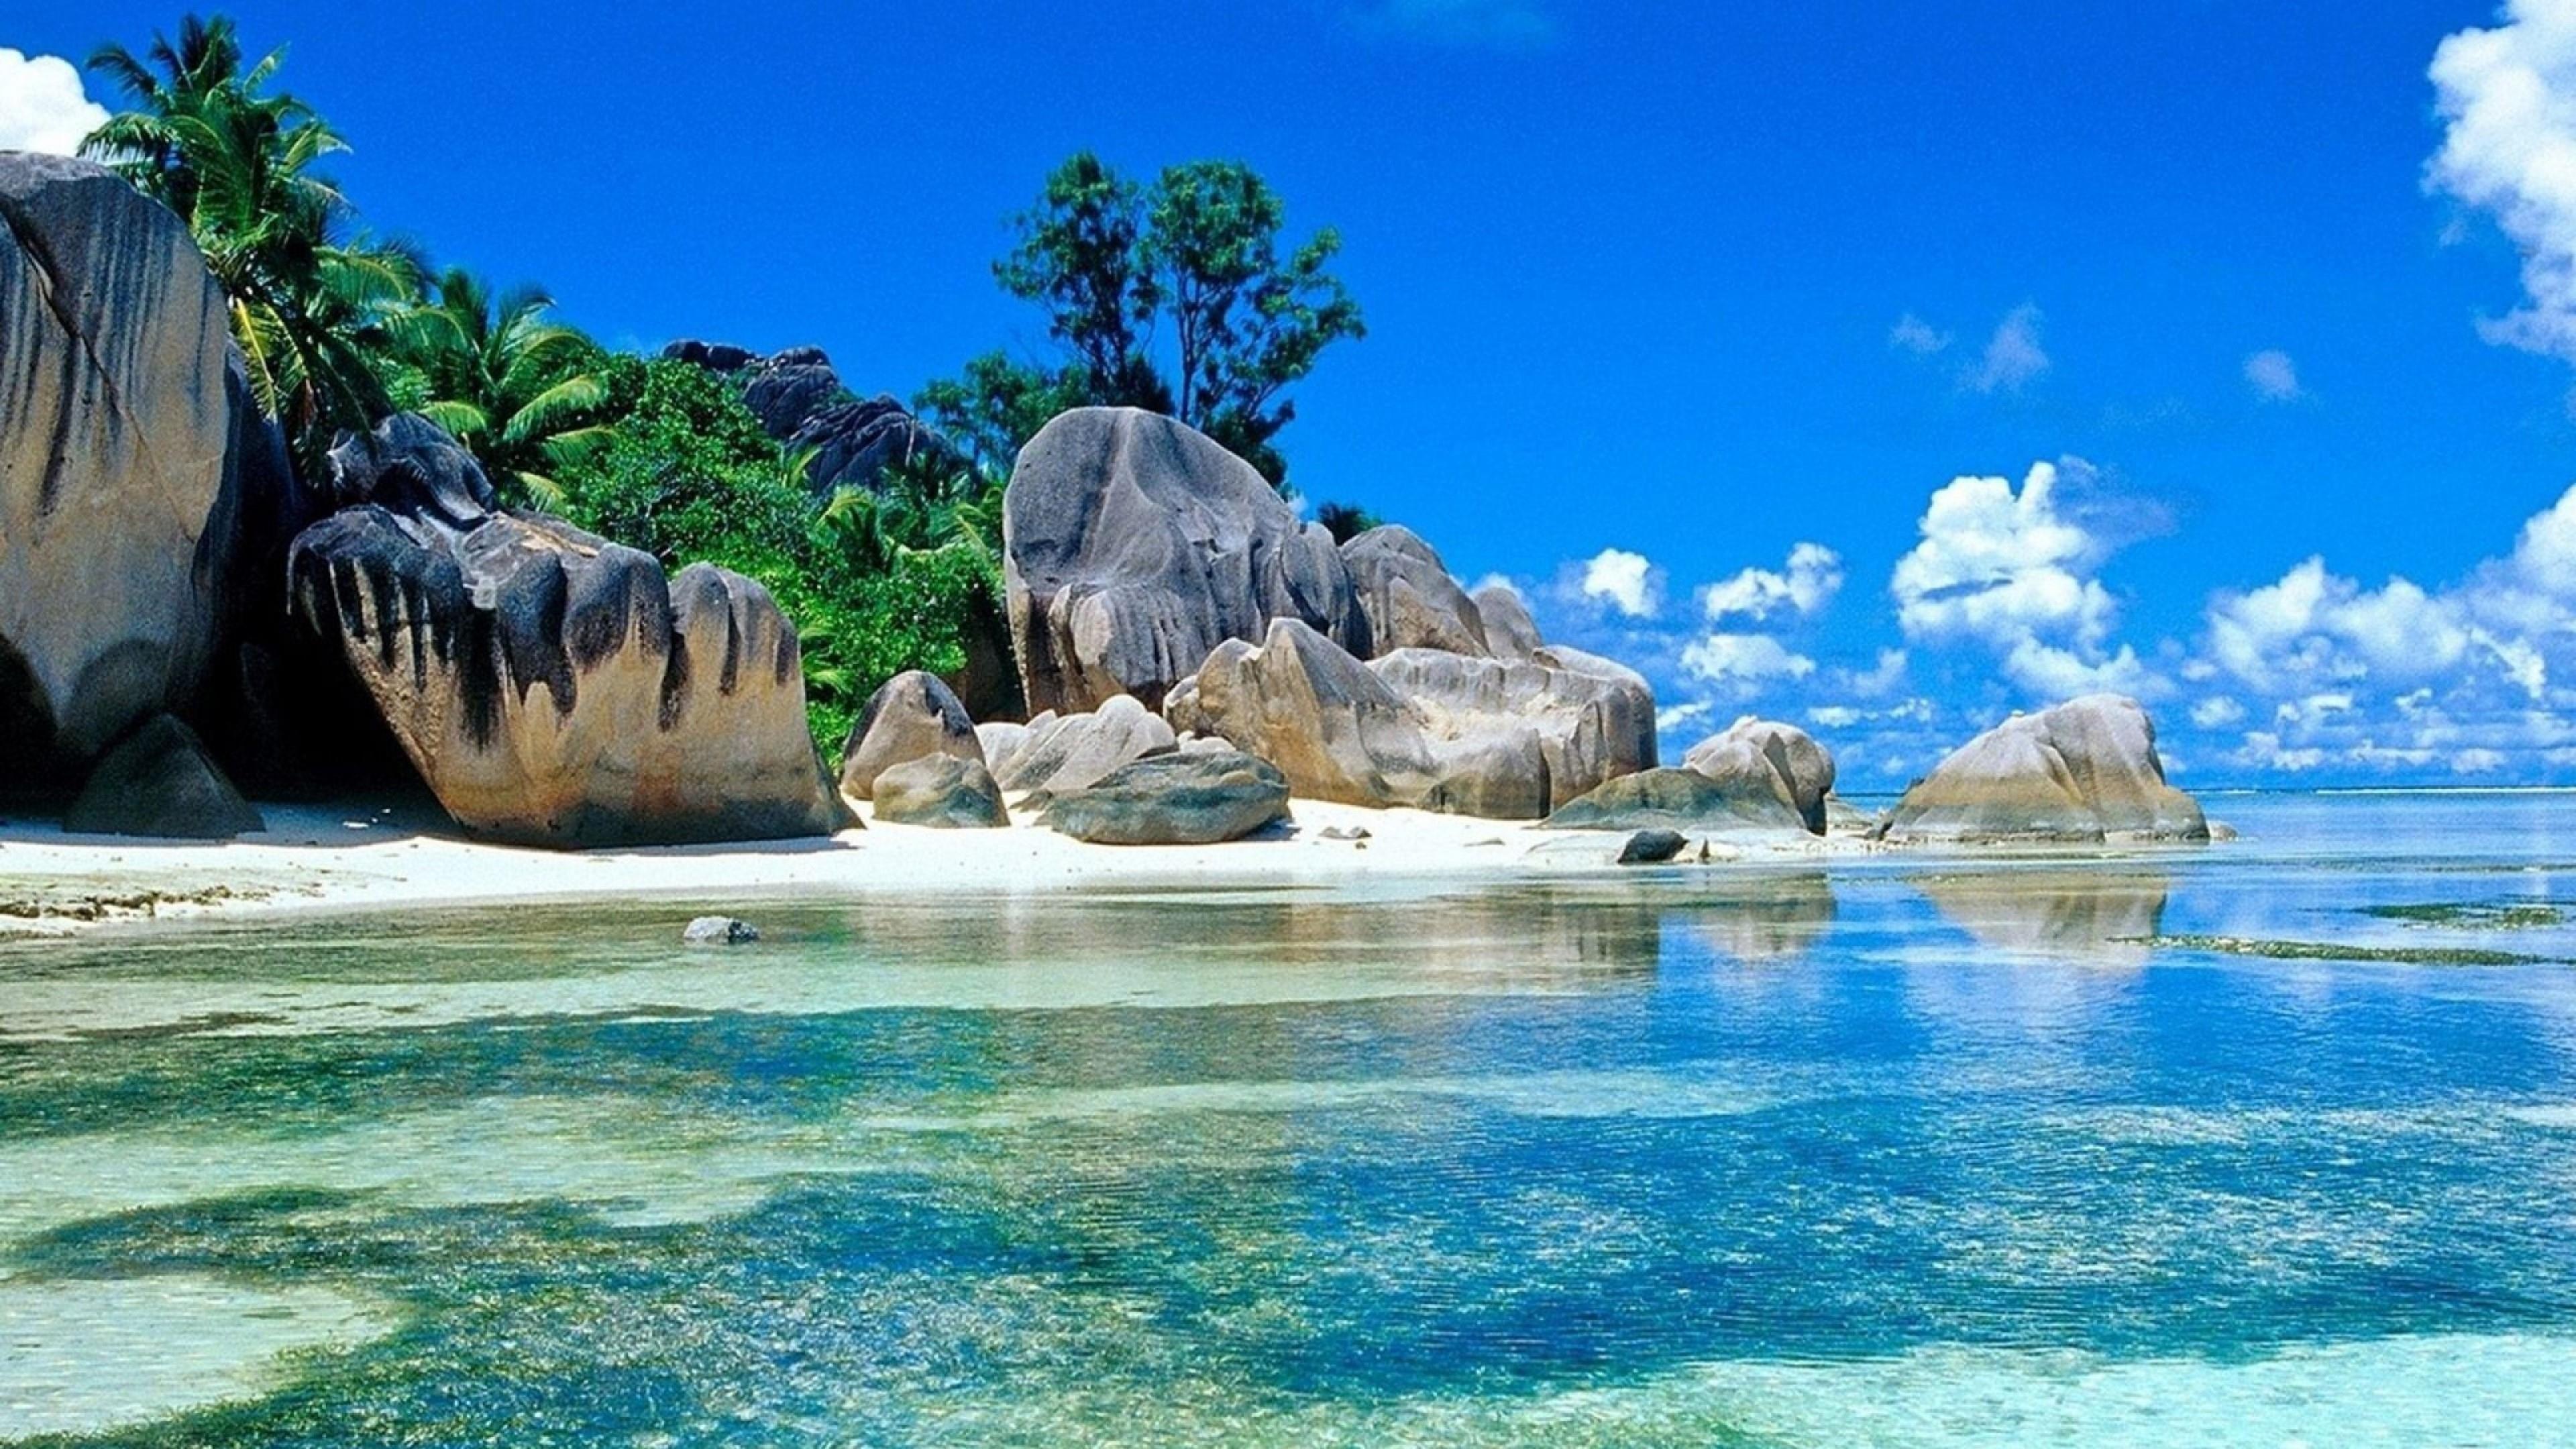 La Digue Island, Seychelles wallpaper